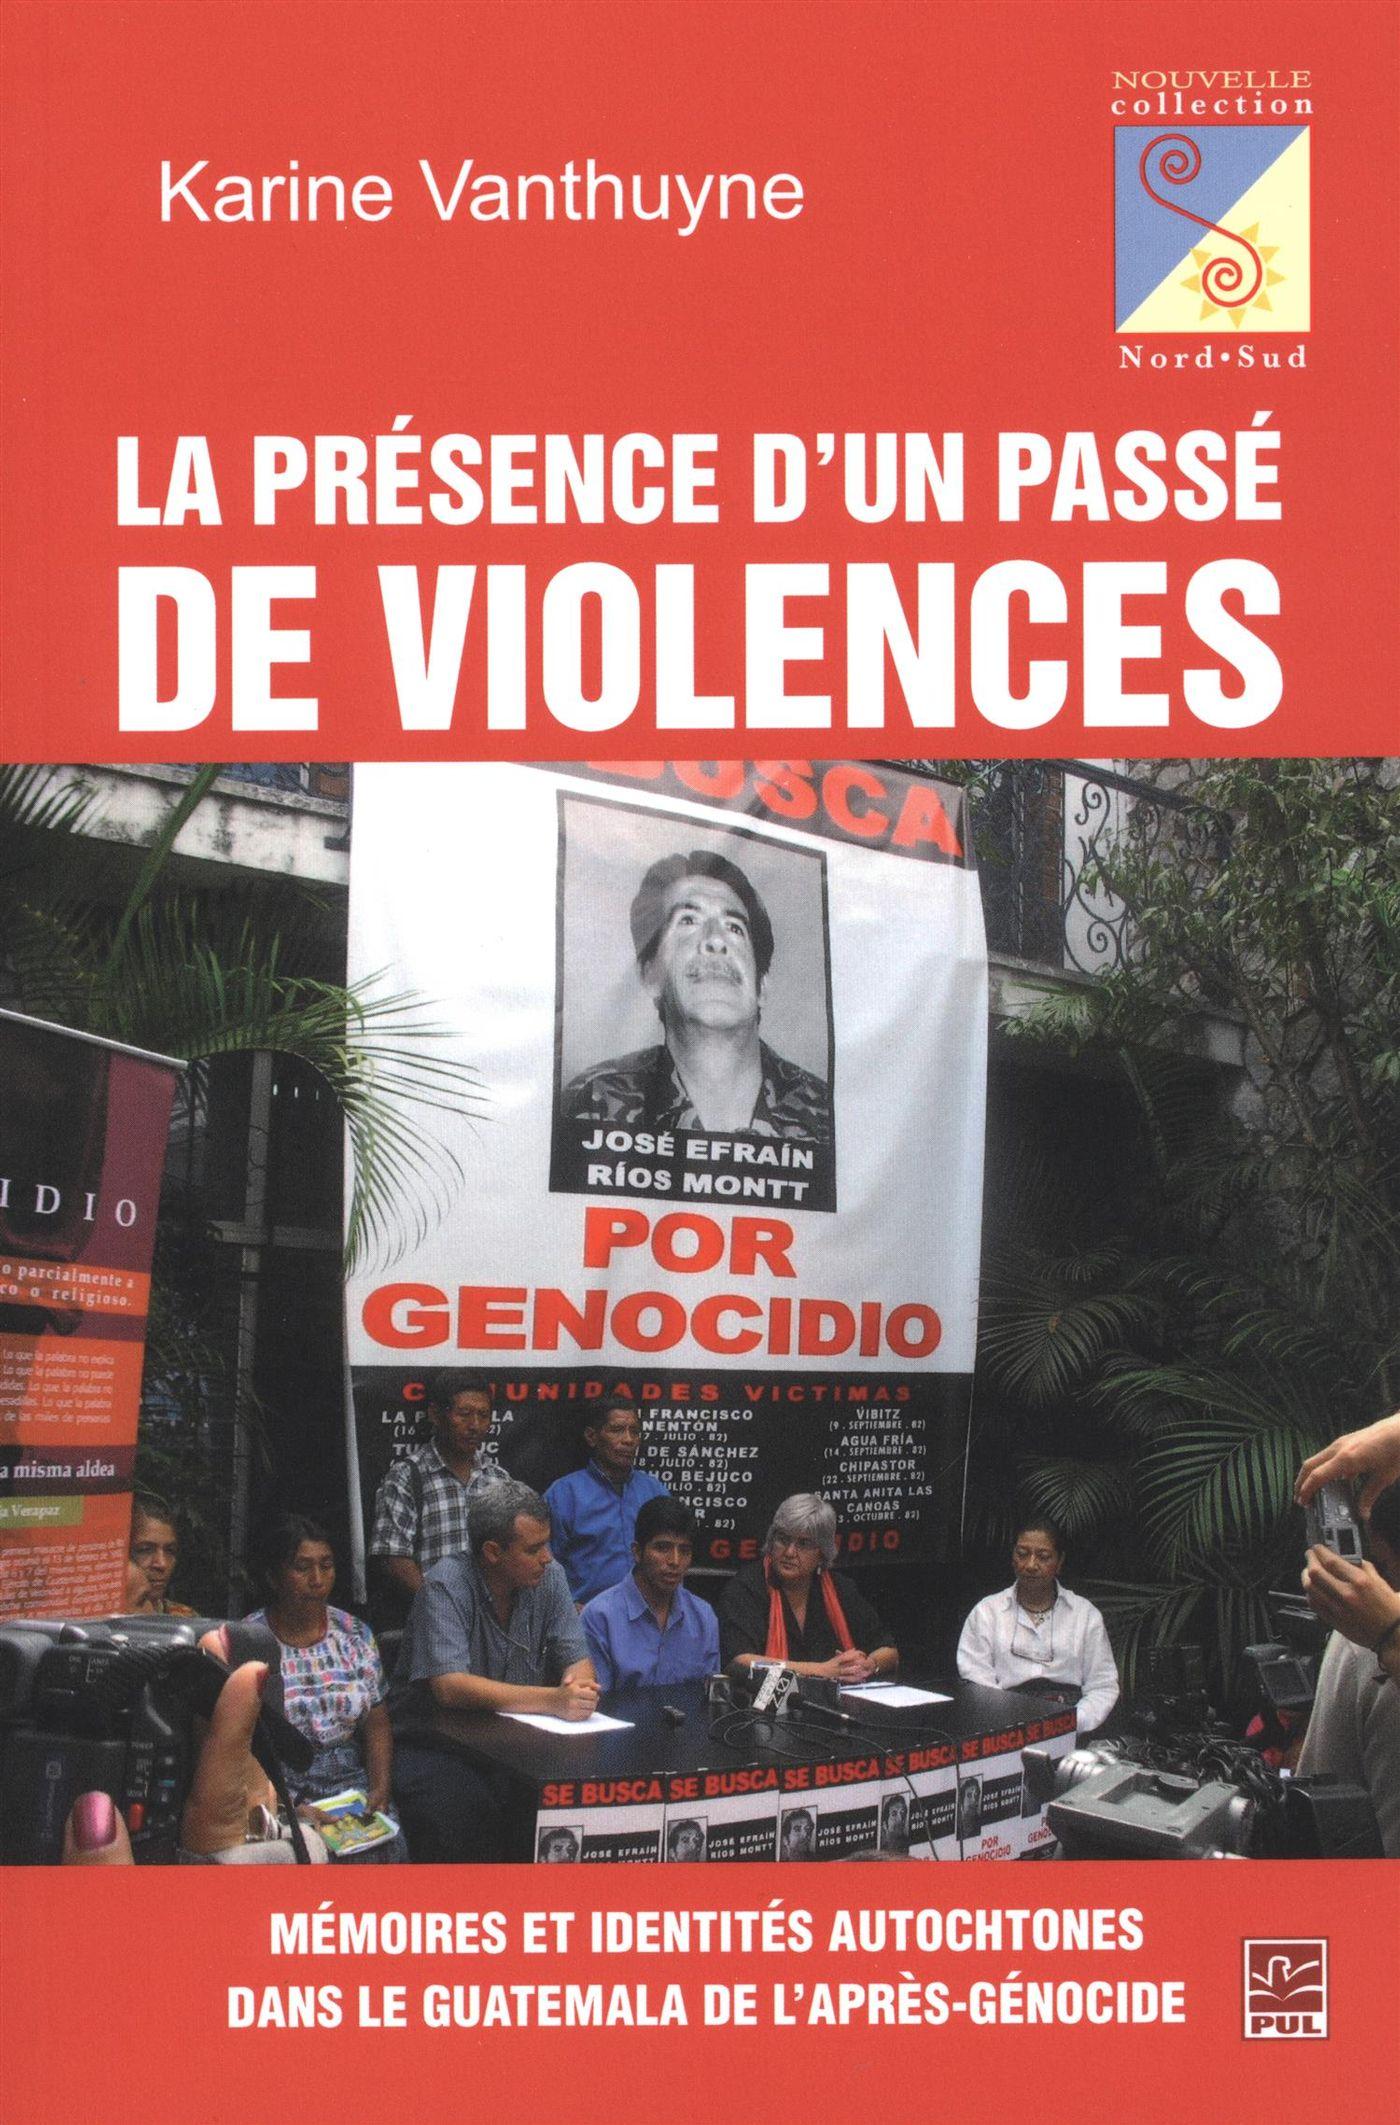 La présence d'un passé de violences